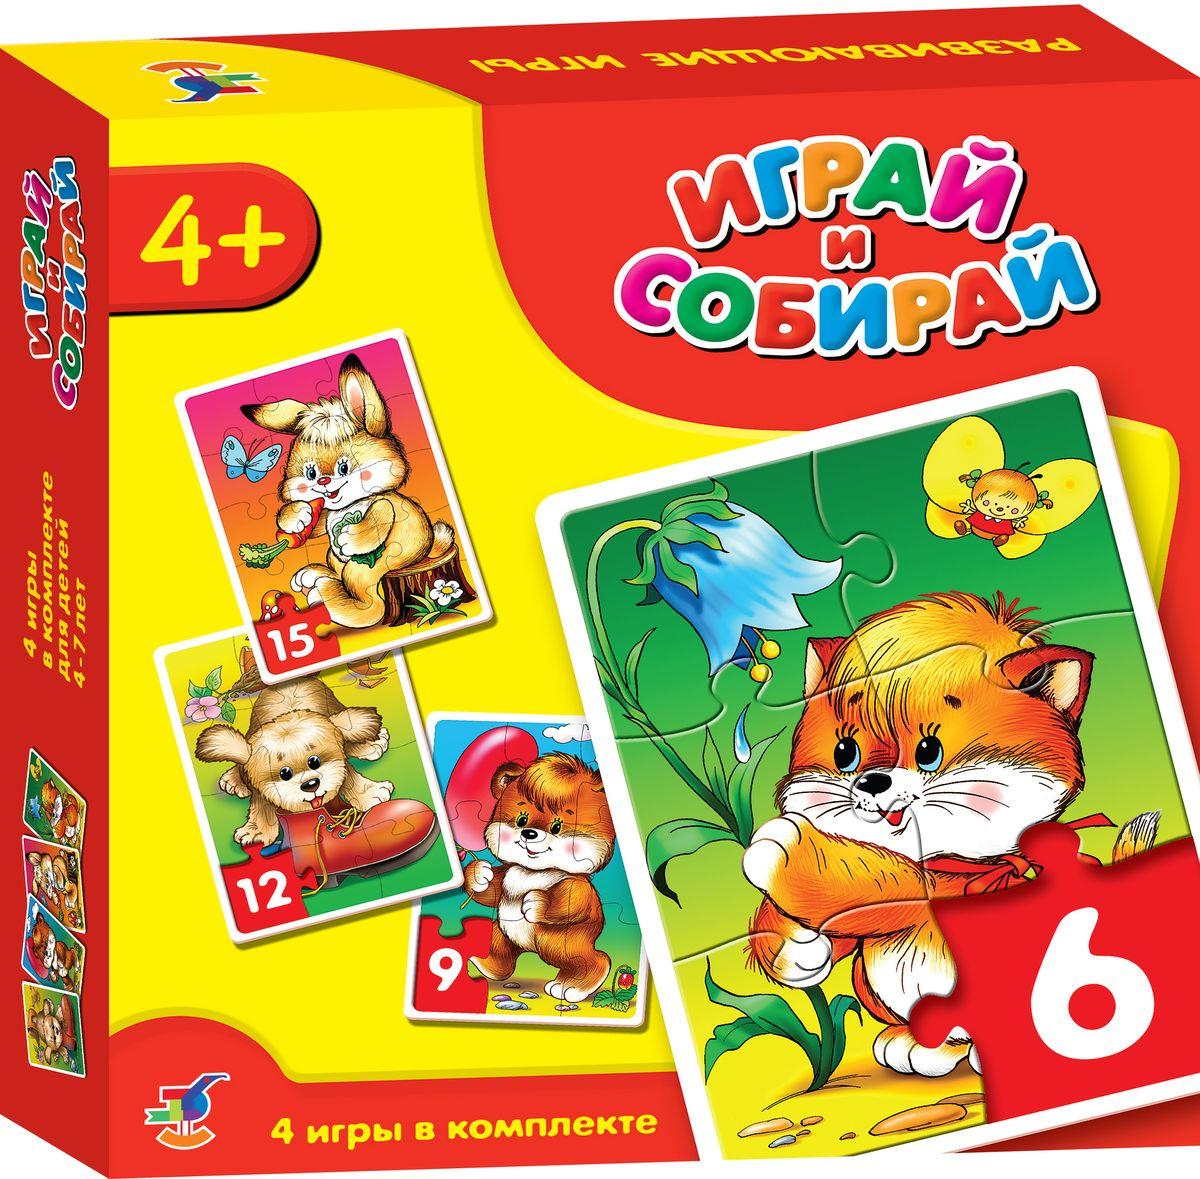 Дрофа-Медиа Пазл для малышей Играй и собирай 4 в 1 2938 дрофа медиа сказки играй и собирай дрофа медиа